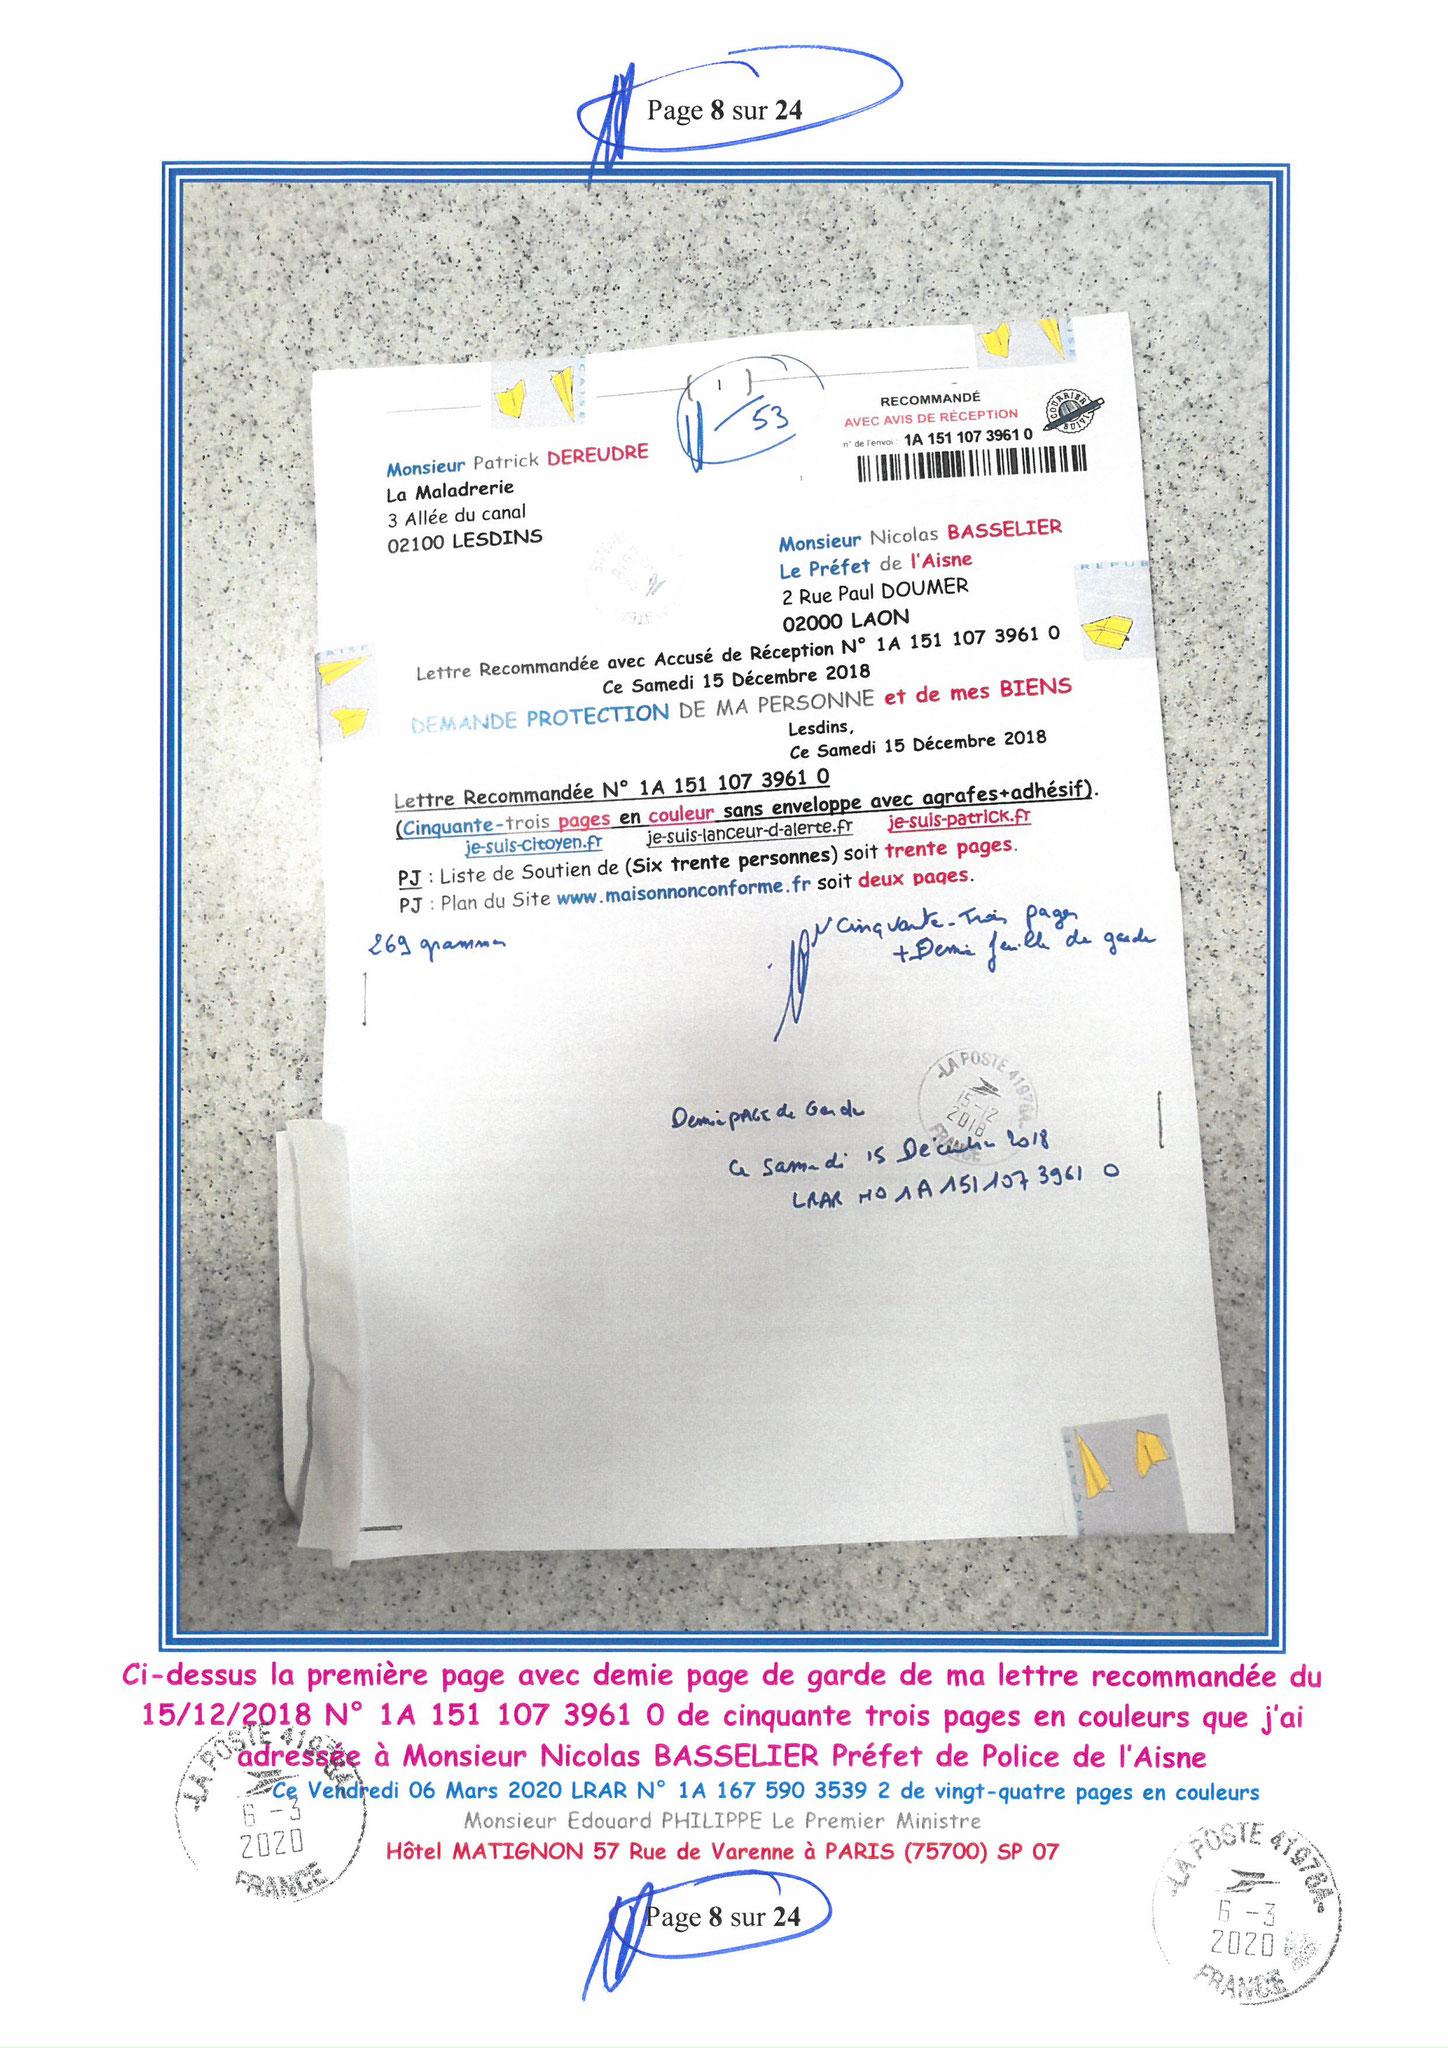 Ma LRAR à Monsieur le  Premier Ministre Edouard PHILIPPE N° 1A 167 590 3539 2 Page 8 sur 24 en Couleur du 06 Mars 2020  www.jesuispatrick.fr www.jesuisvictime.fr www.alerte-rouge-france.fr